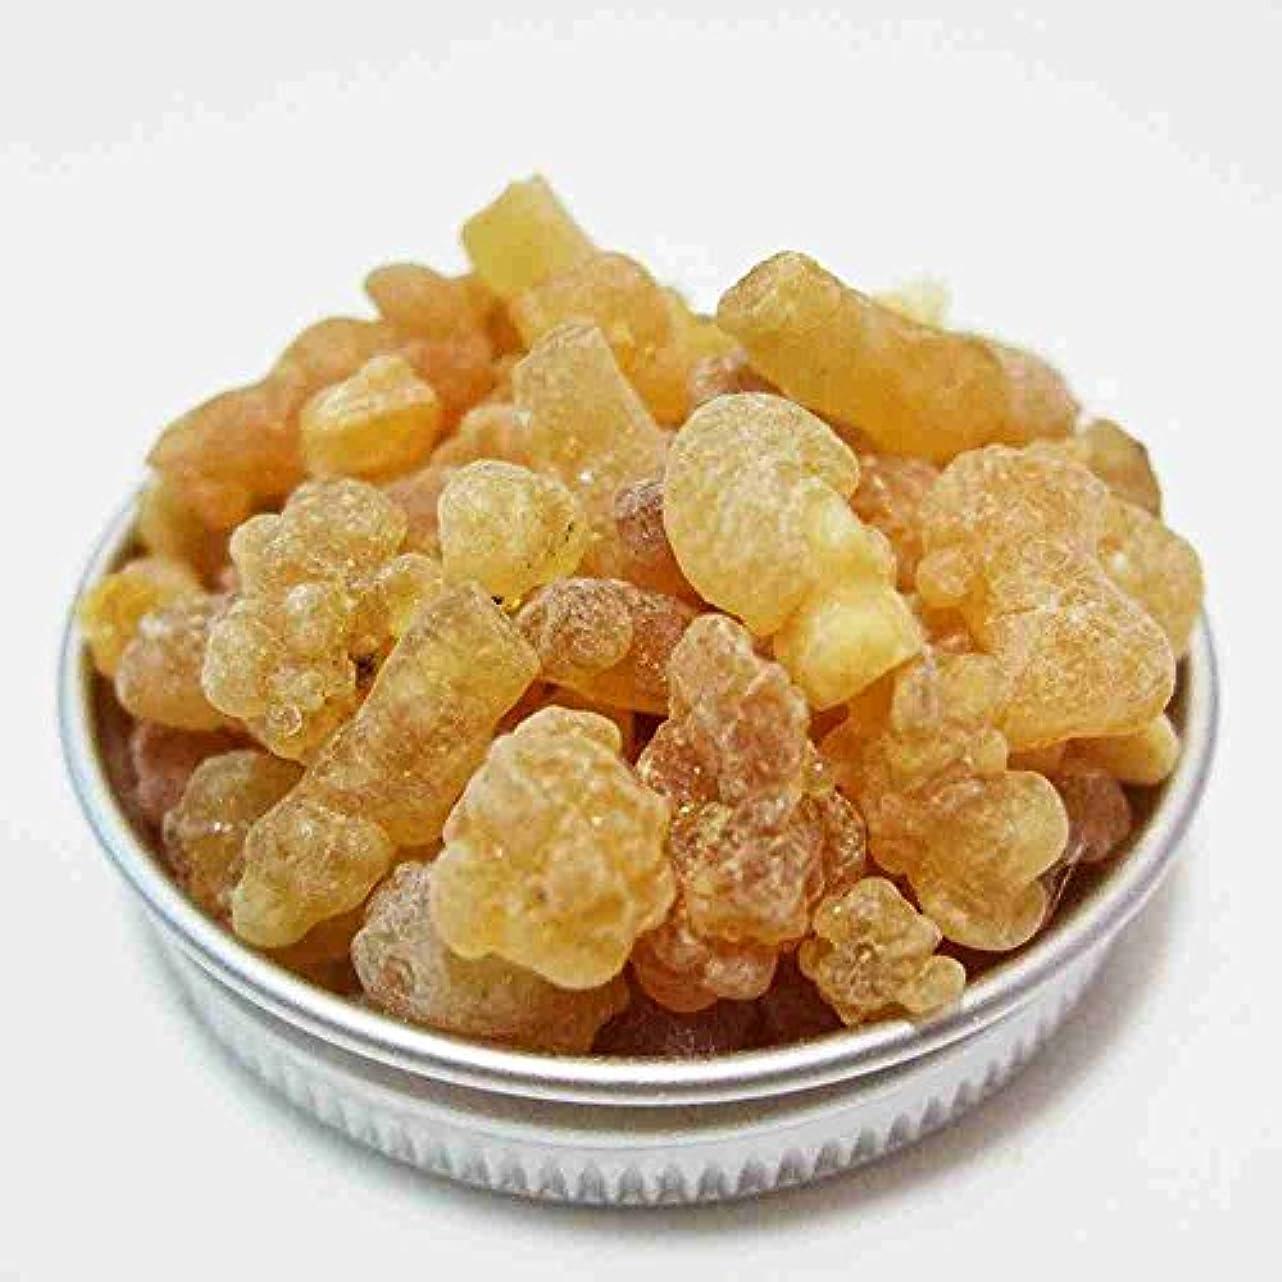 うま寝室伝染性のフランキンセンス Frsnkincense (乳香) 天然樹脂香 フランキンセンス(乳香), 1 Ounce (28 g)